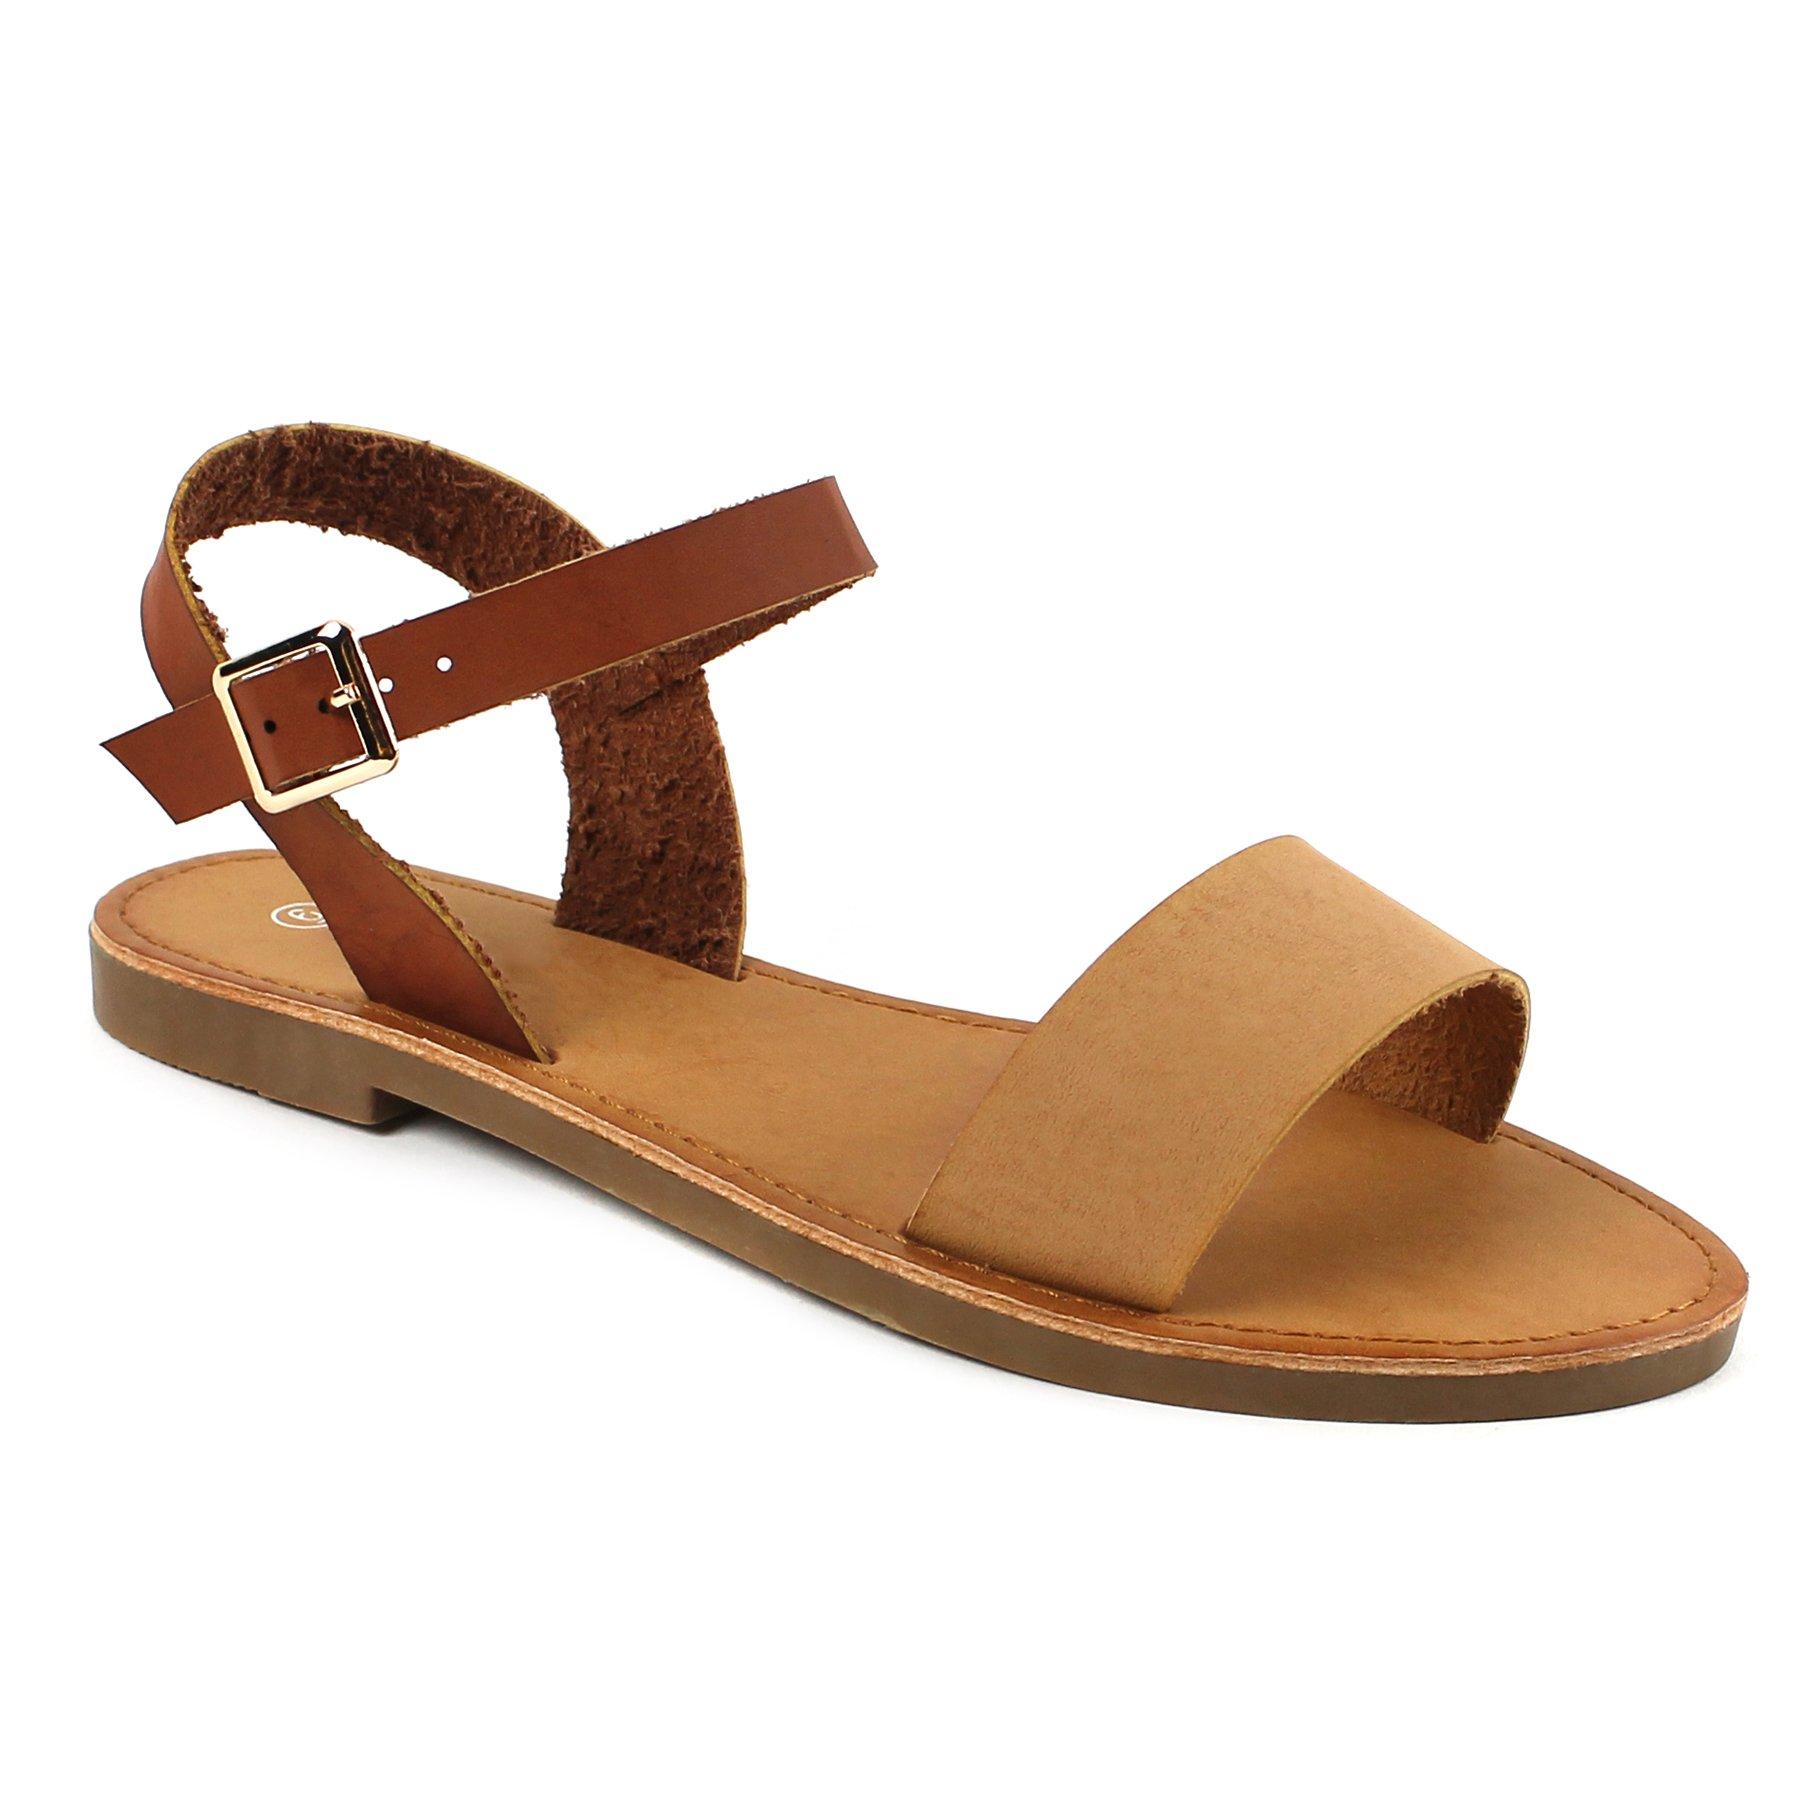 Women's Shoe Comfort Simple Basic Ankle Strap Flat Sandals (8, Tan/Cognac)